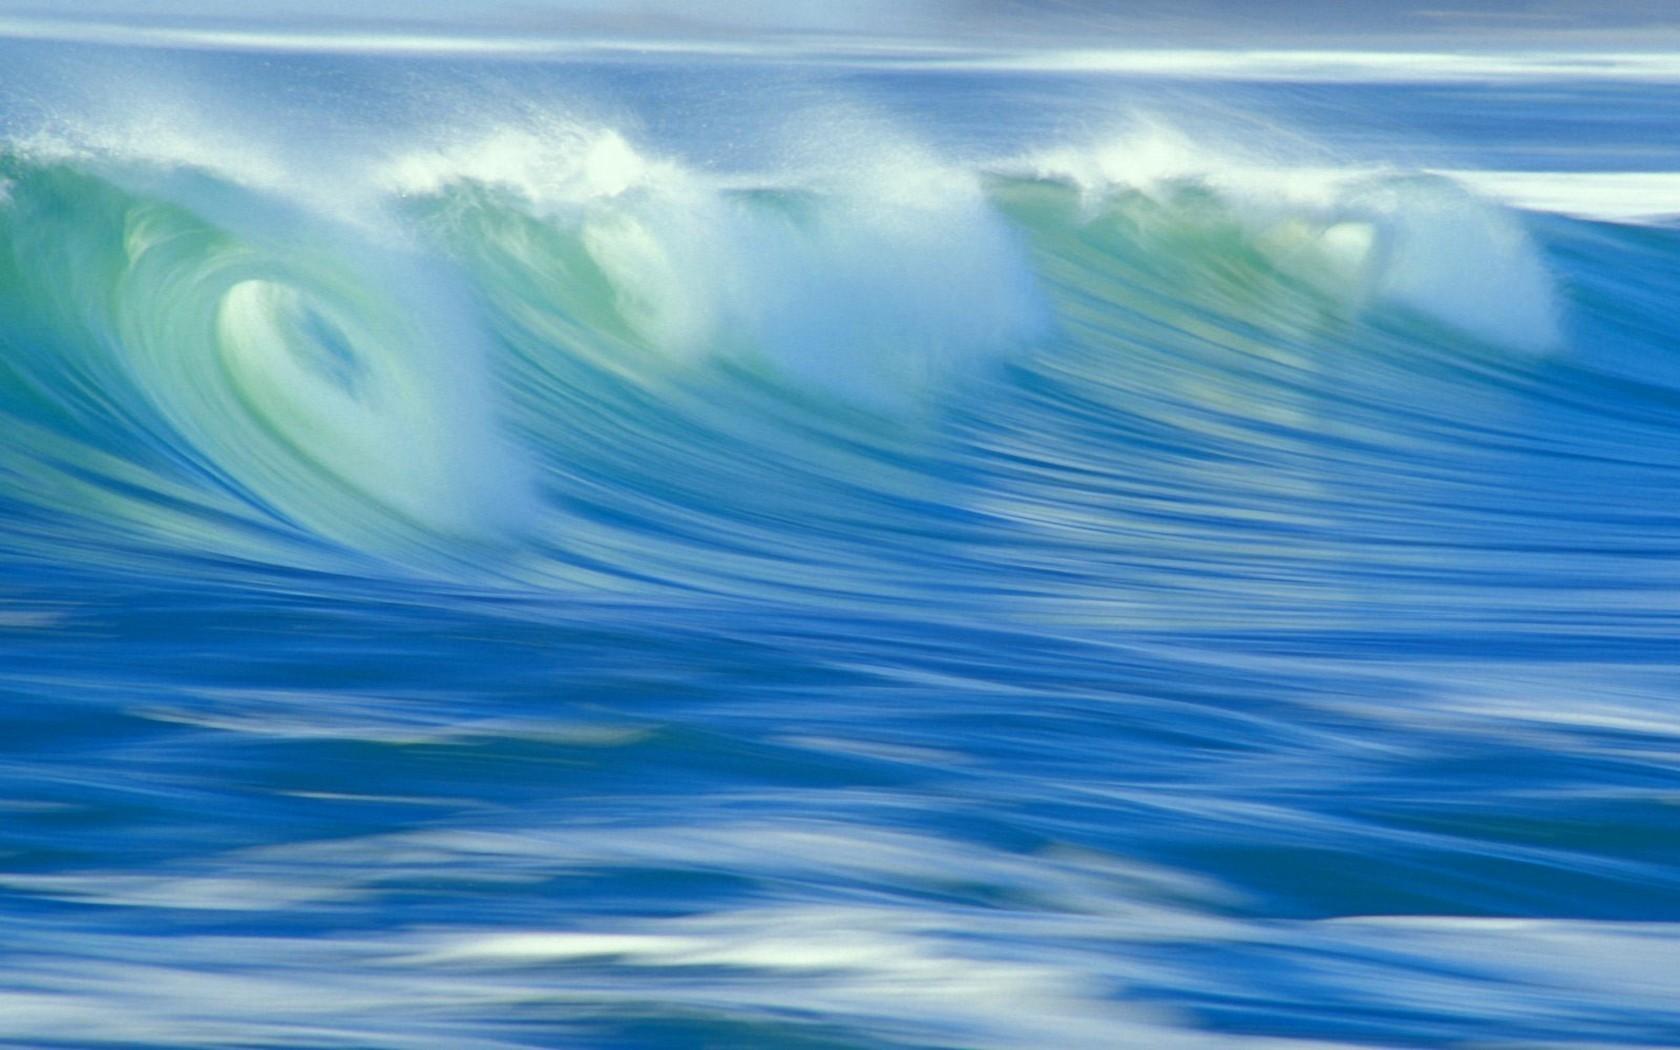 спектр океан в картинках слайд шоу радость всегда будет